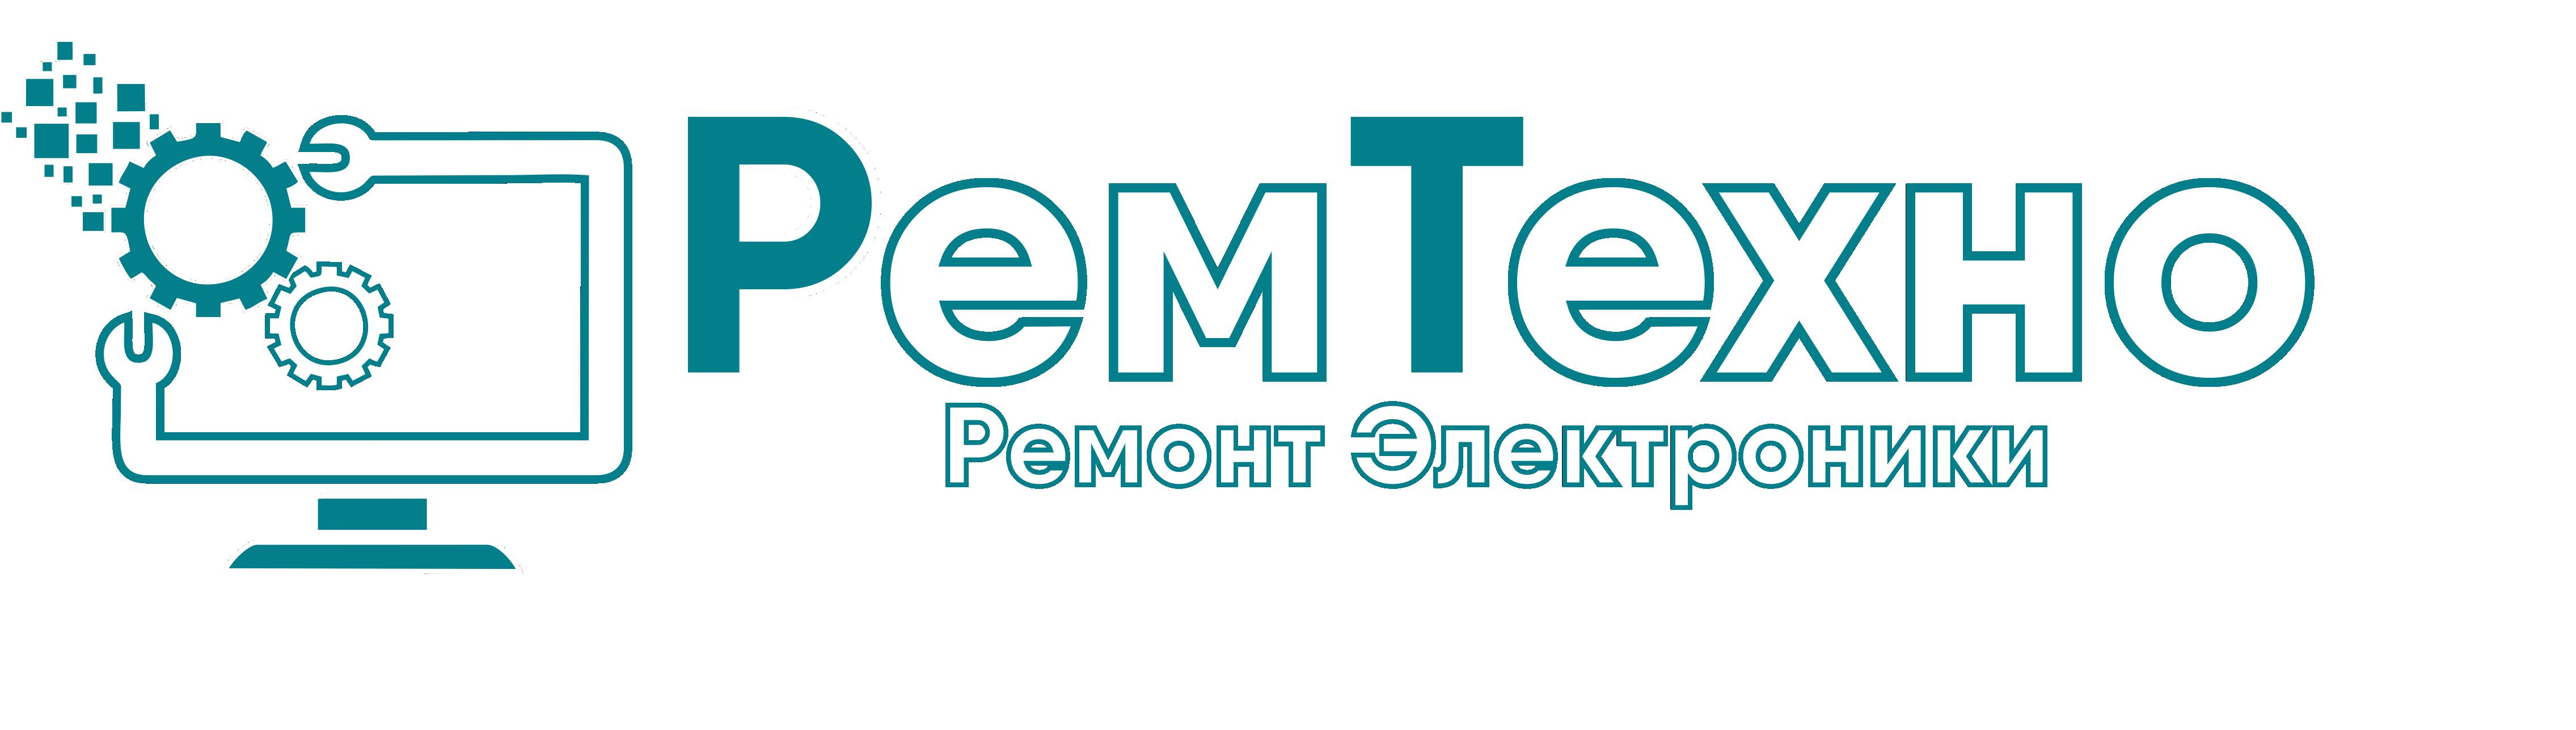 РЕМТЕХНО